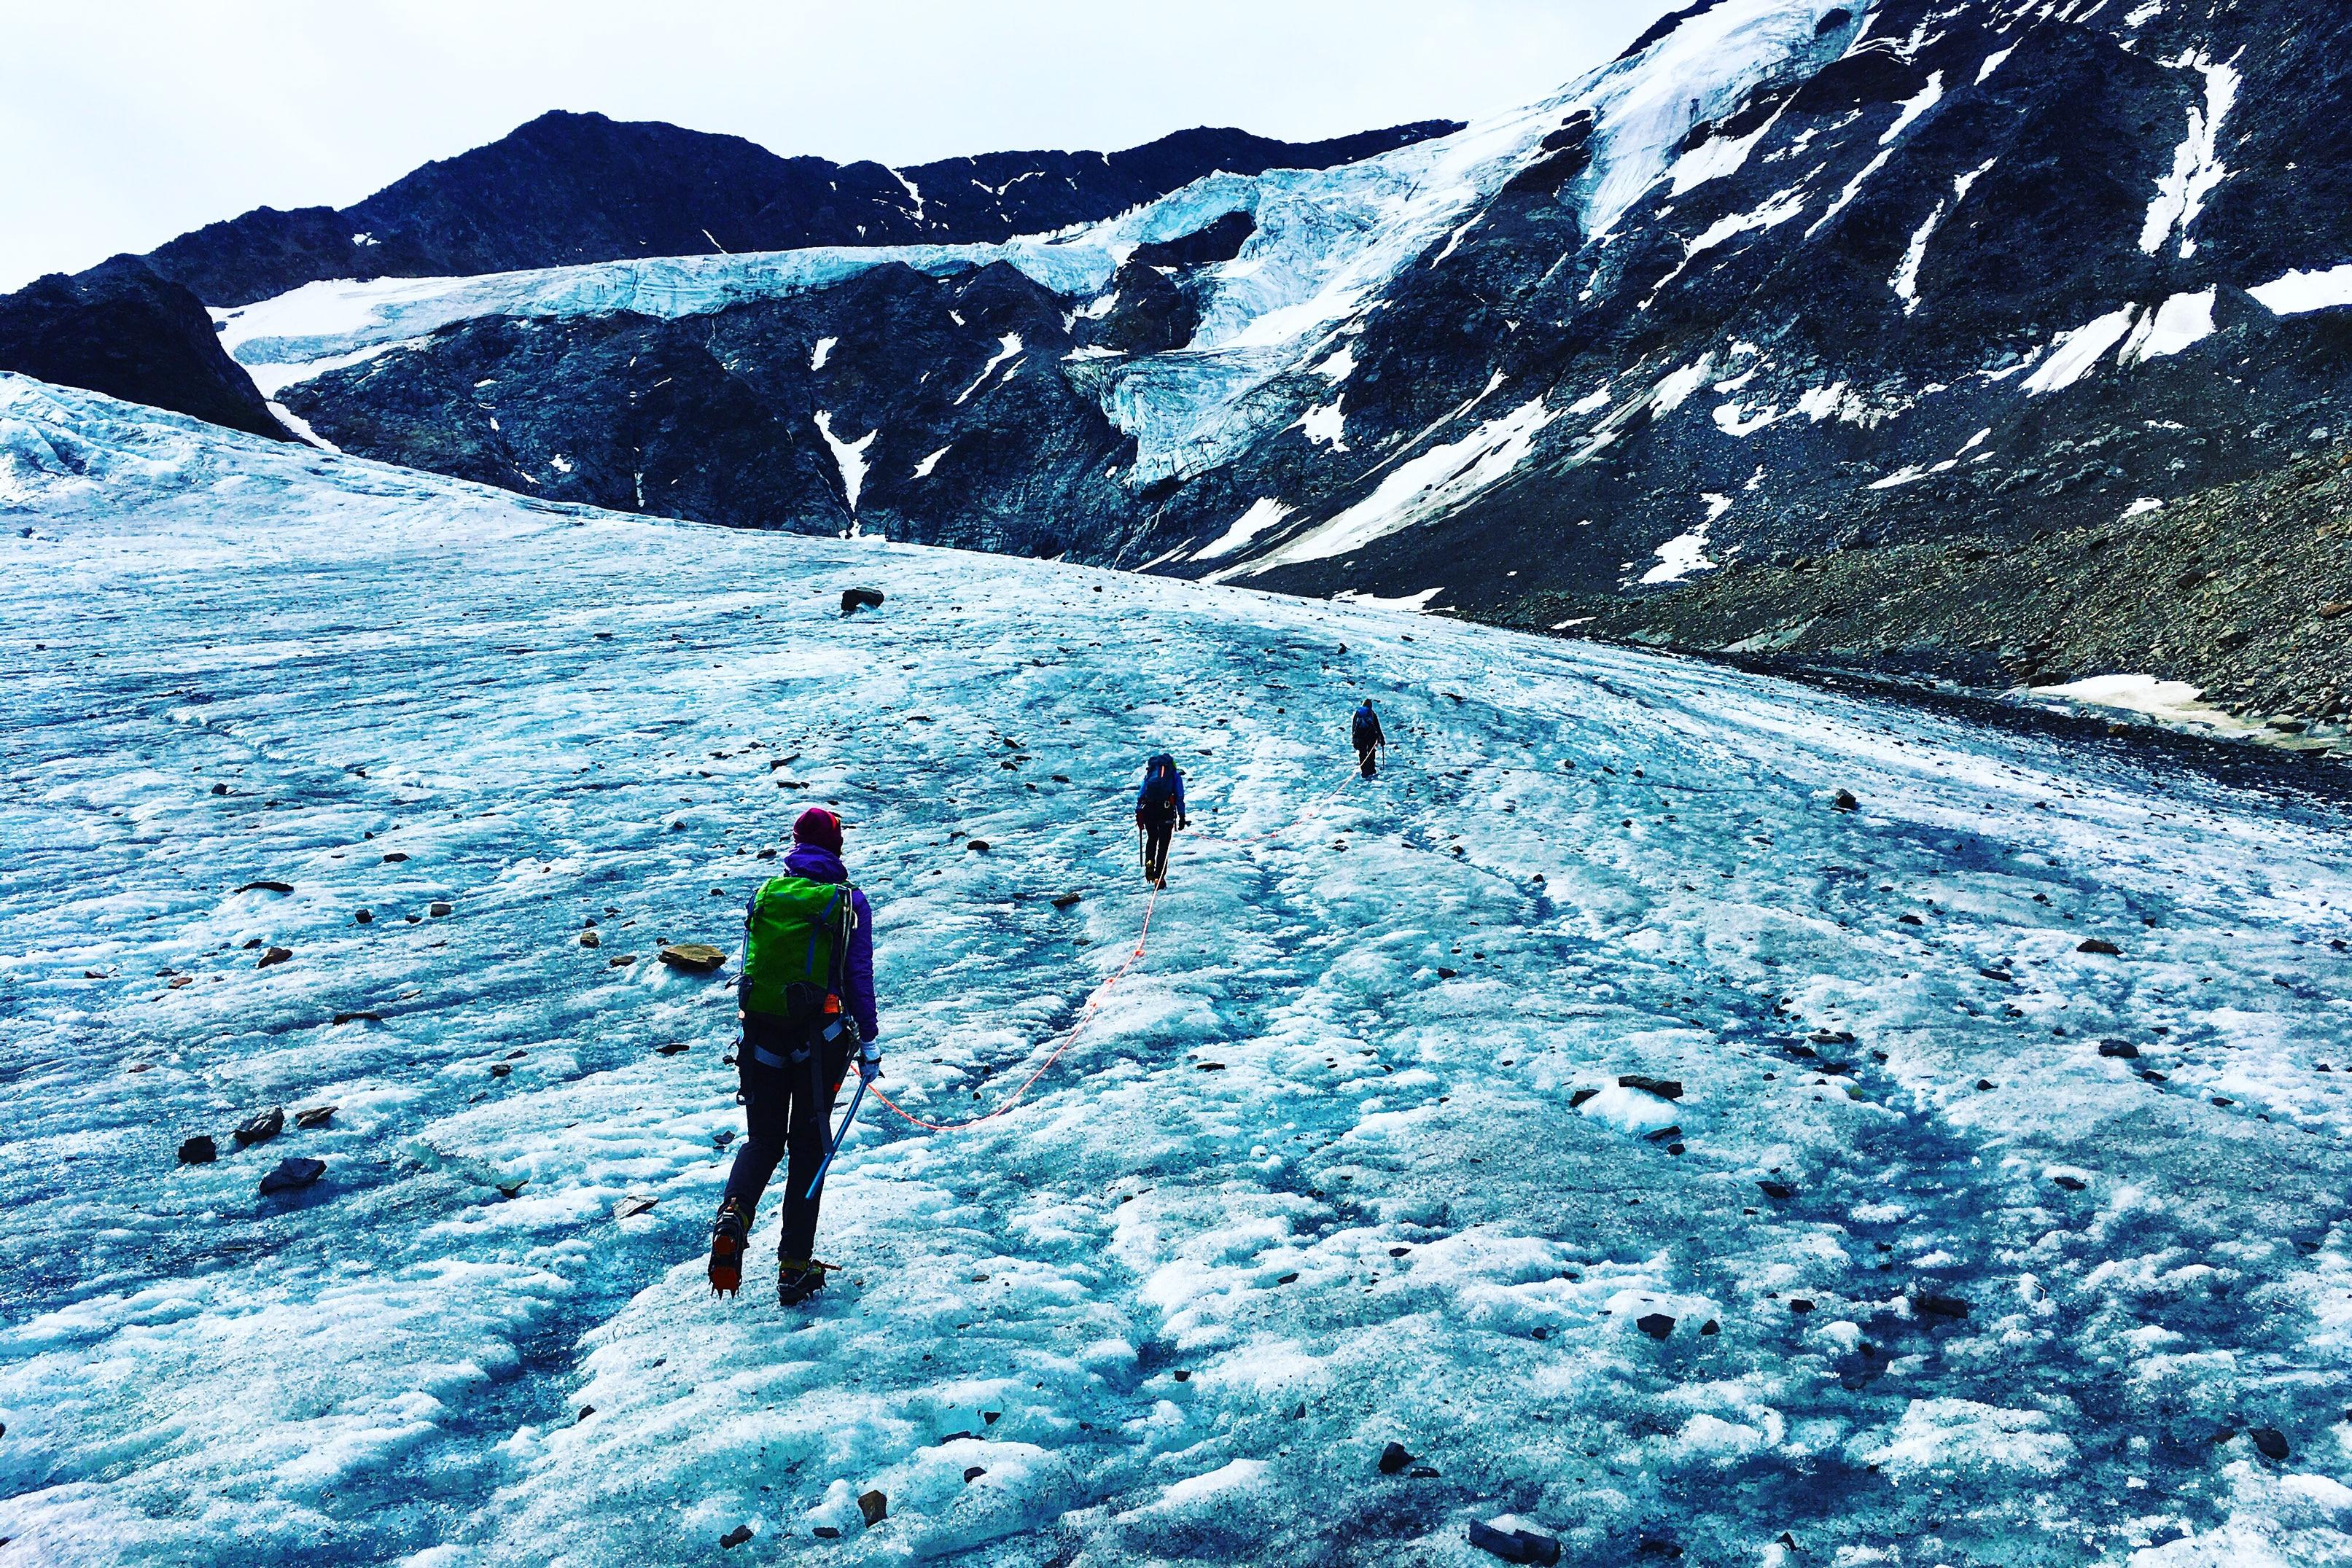 Klettersteigset Norm 2017 : Klettersteigset neue norm bergwelten